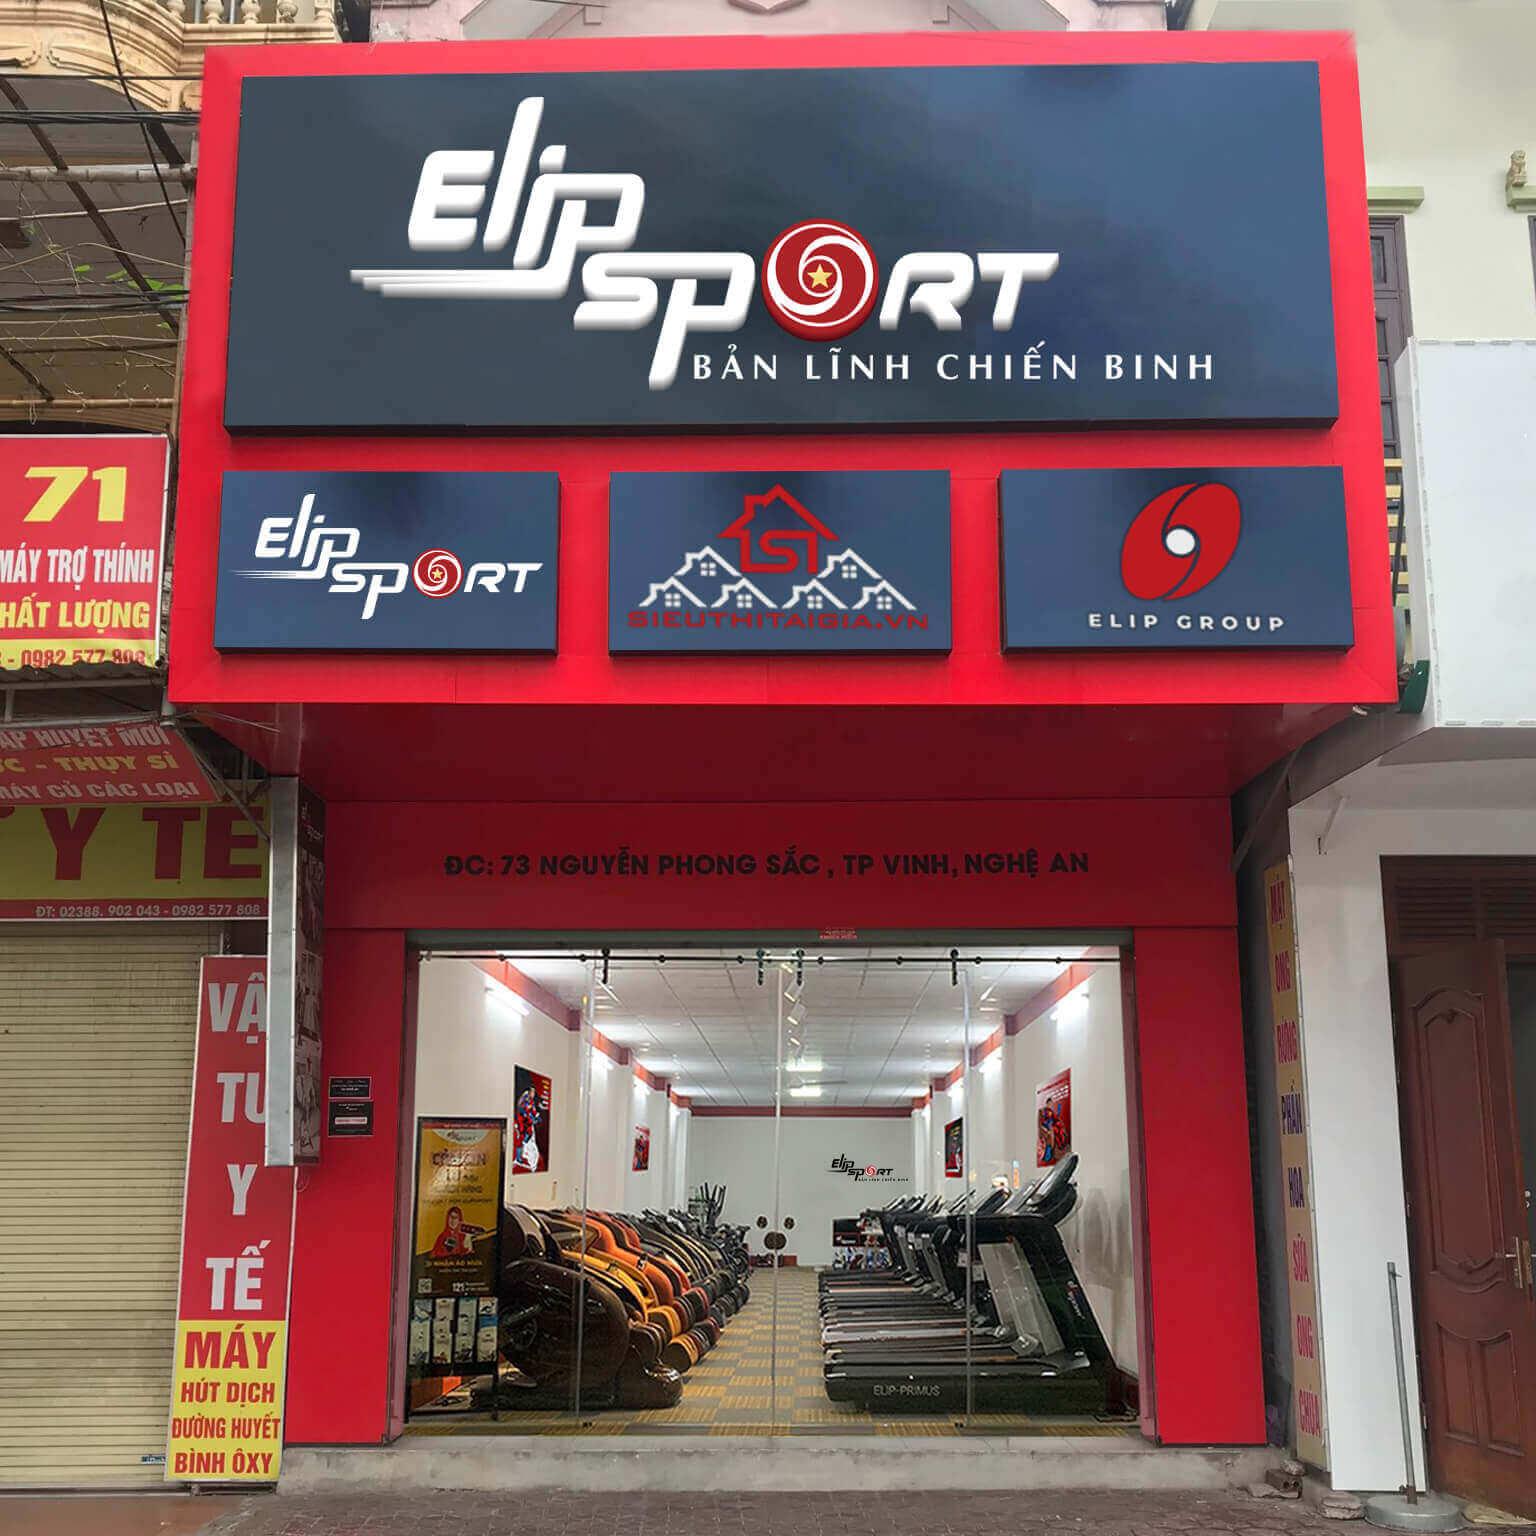 Hình ảnh của chi nhánh Elipsport Nghệ An